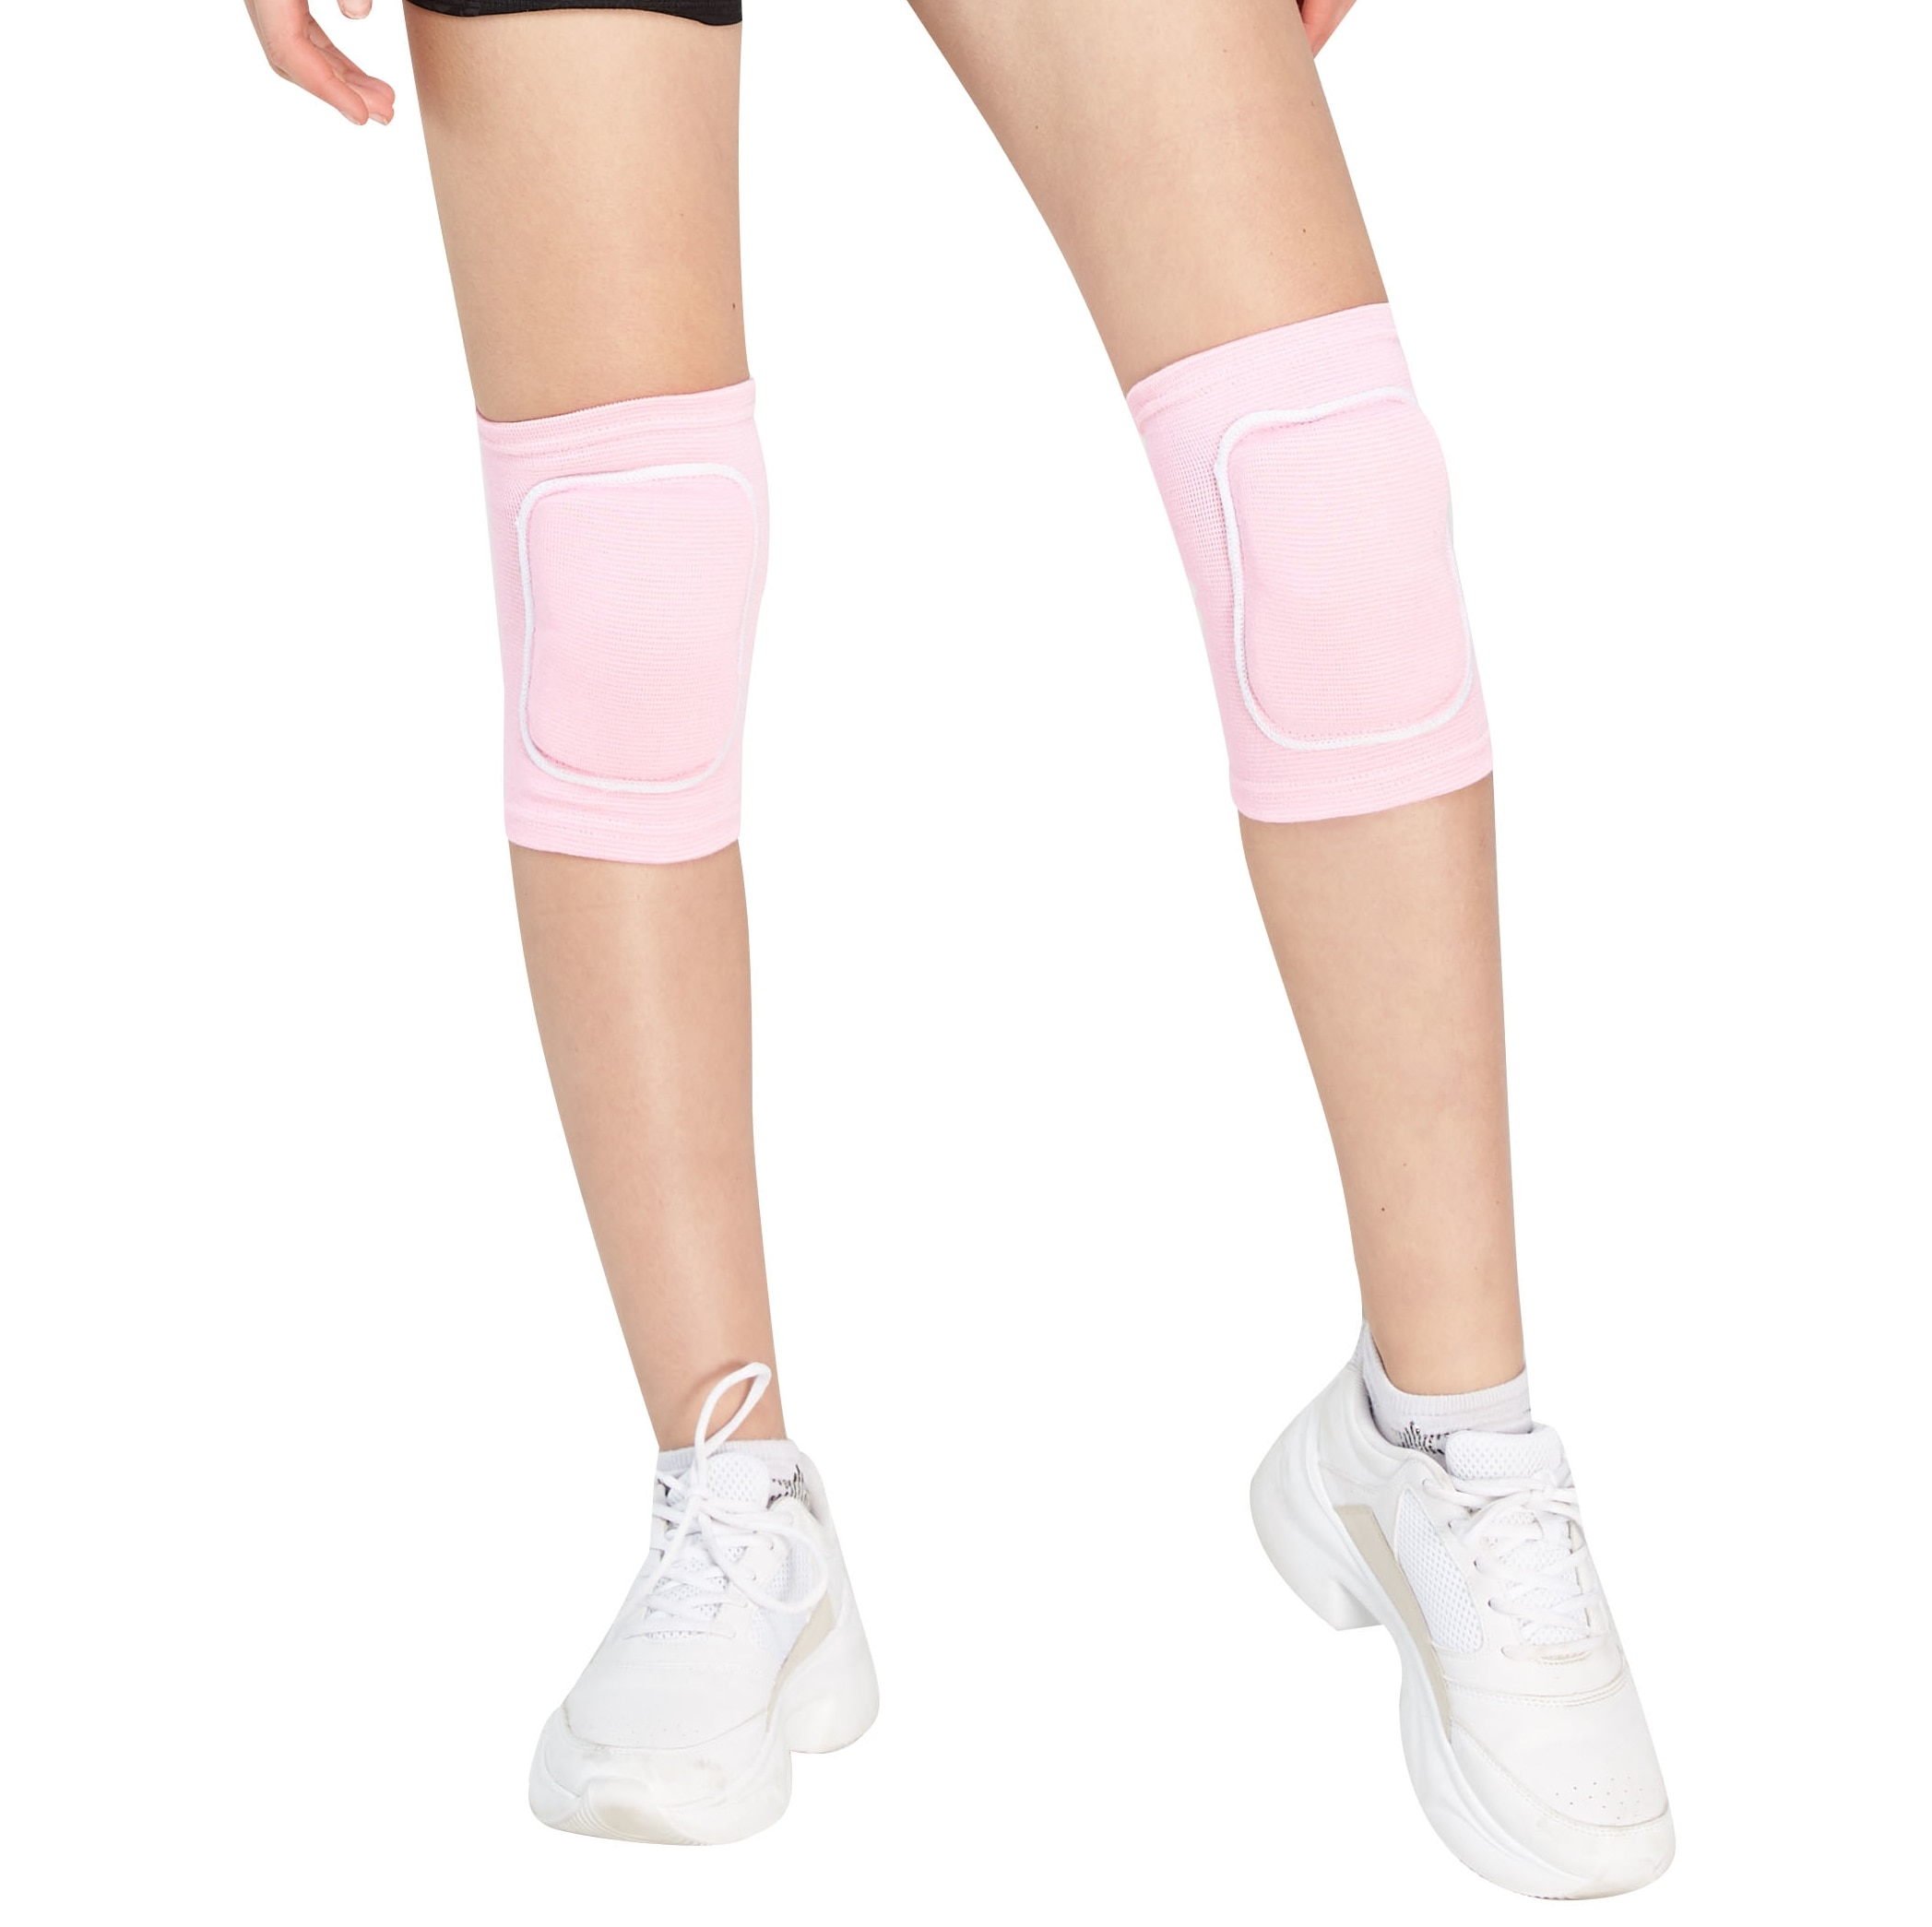 Veidoorn 1PRS dizlik diz desteği nefes diz kol Brace koruyucu güvenlik koşu dans spor salonu egzersiz spor